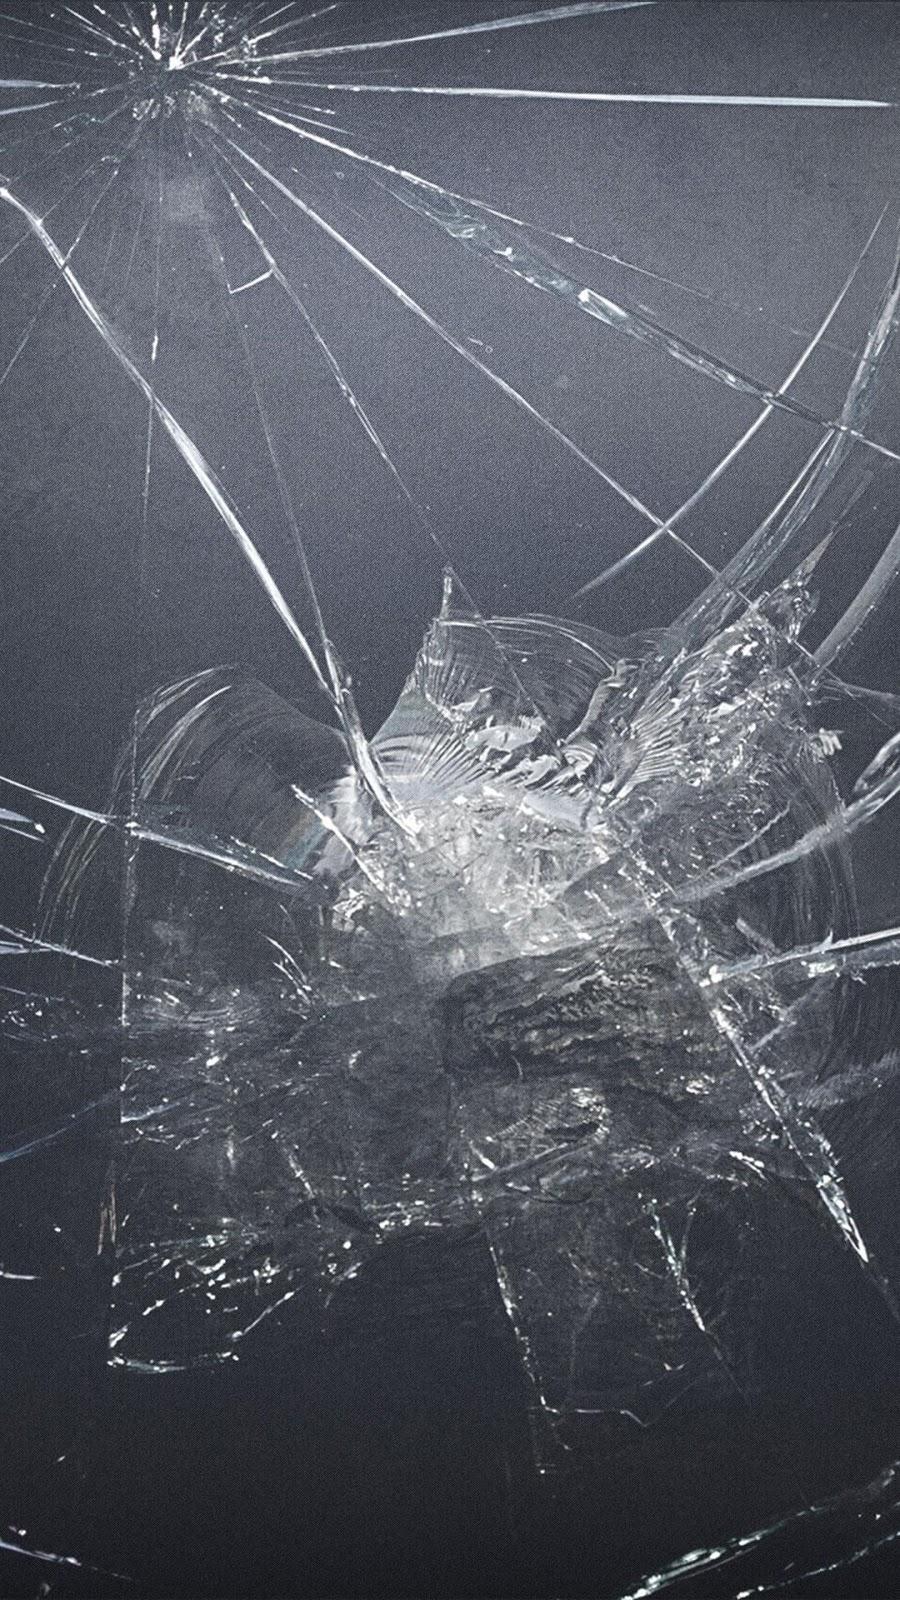 Broken Screen Wallpaper 3D Download in 2020 Broken